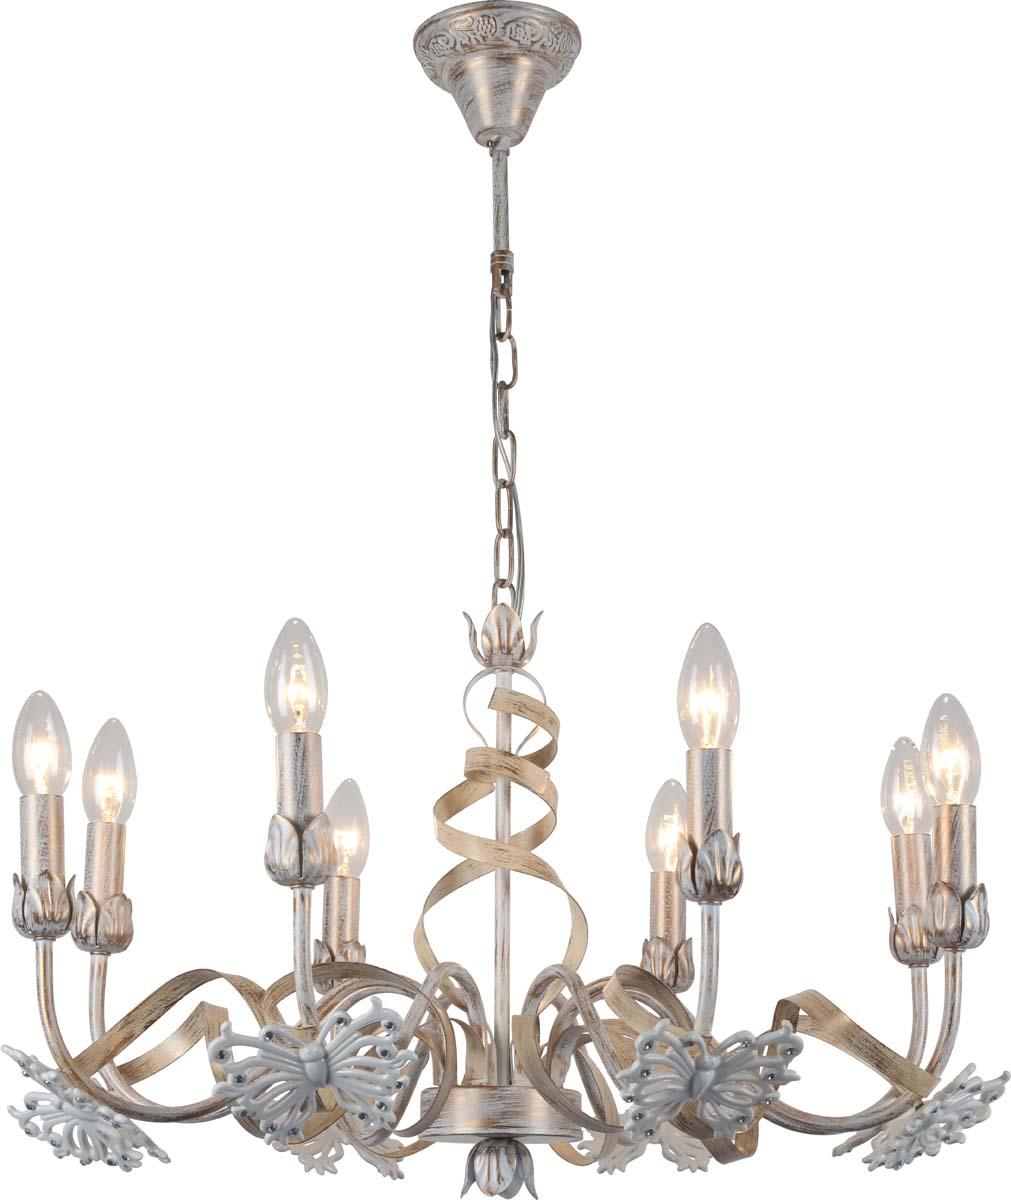 Светильник подвесной Arte Lamp Libellula, 8 х E14, 40 W. A8626LM-8WG подвесная люстра arte lamp libellula a8626lm 8wg